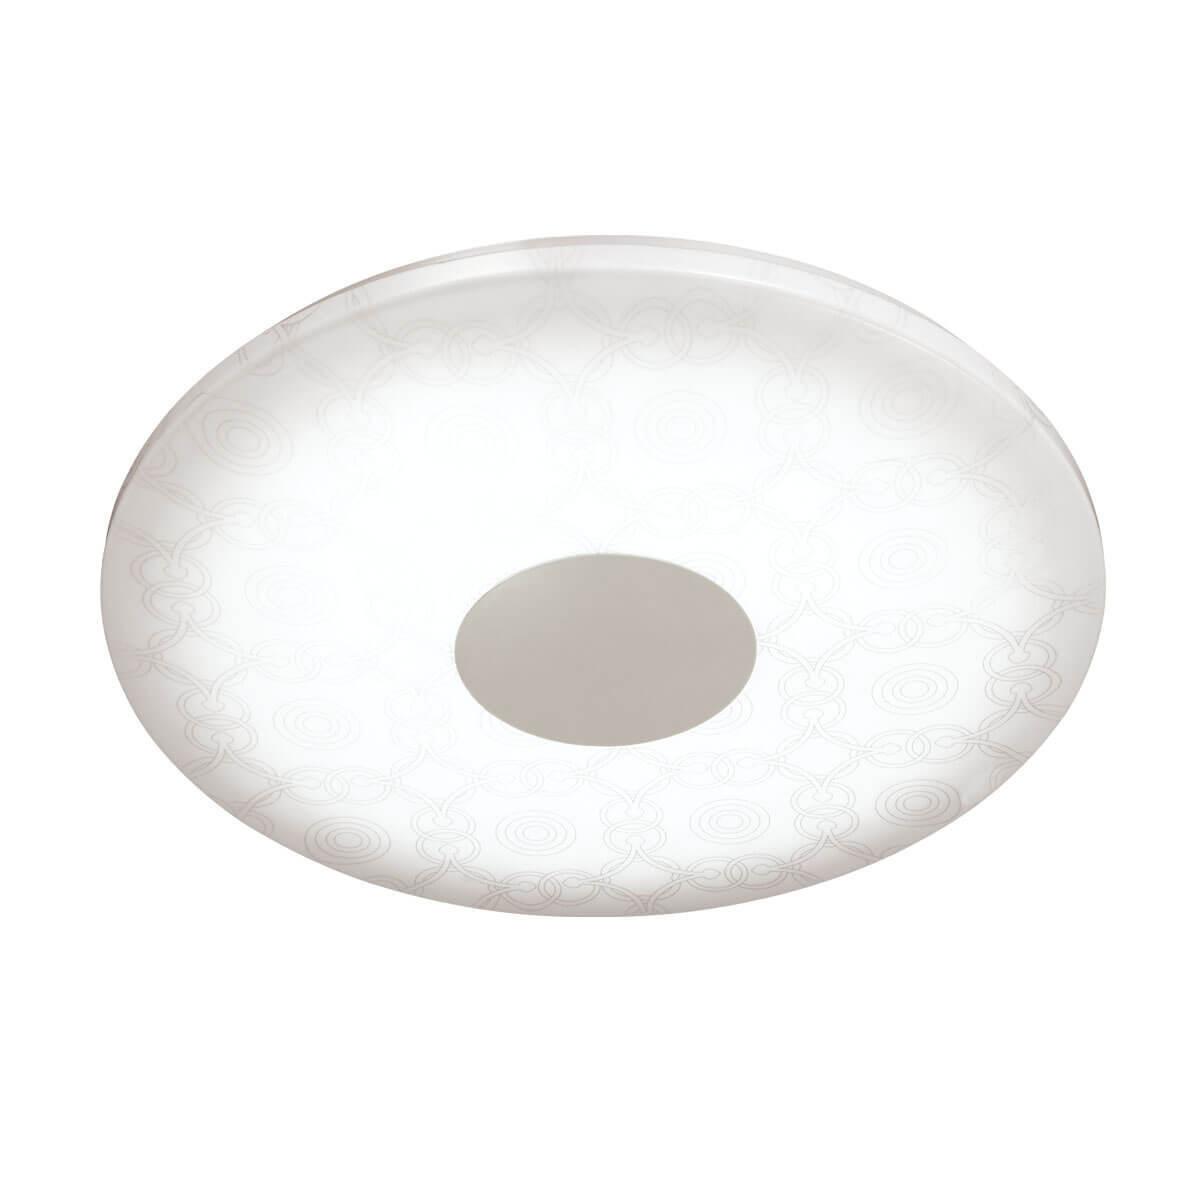 Настенно-потолочный светодиодный светильник Sonex Lesora 2030/B цены